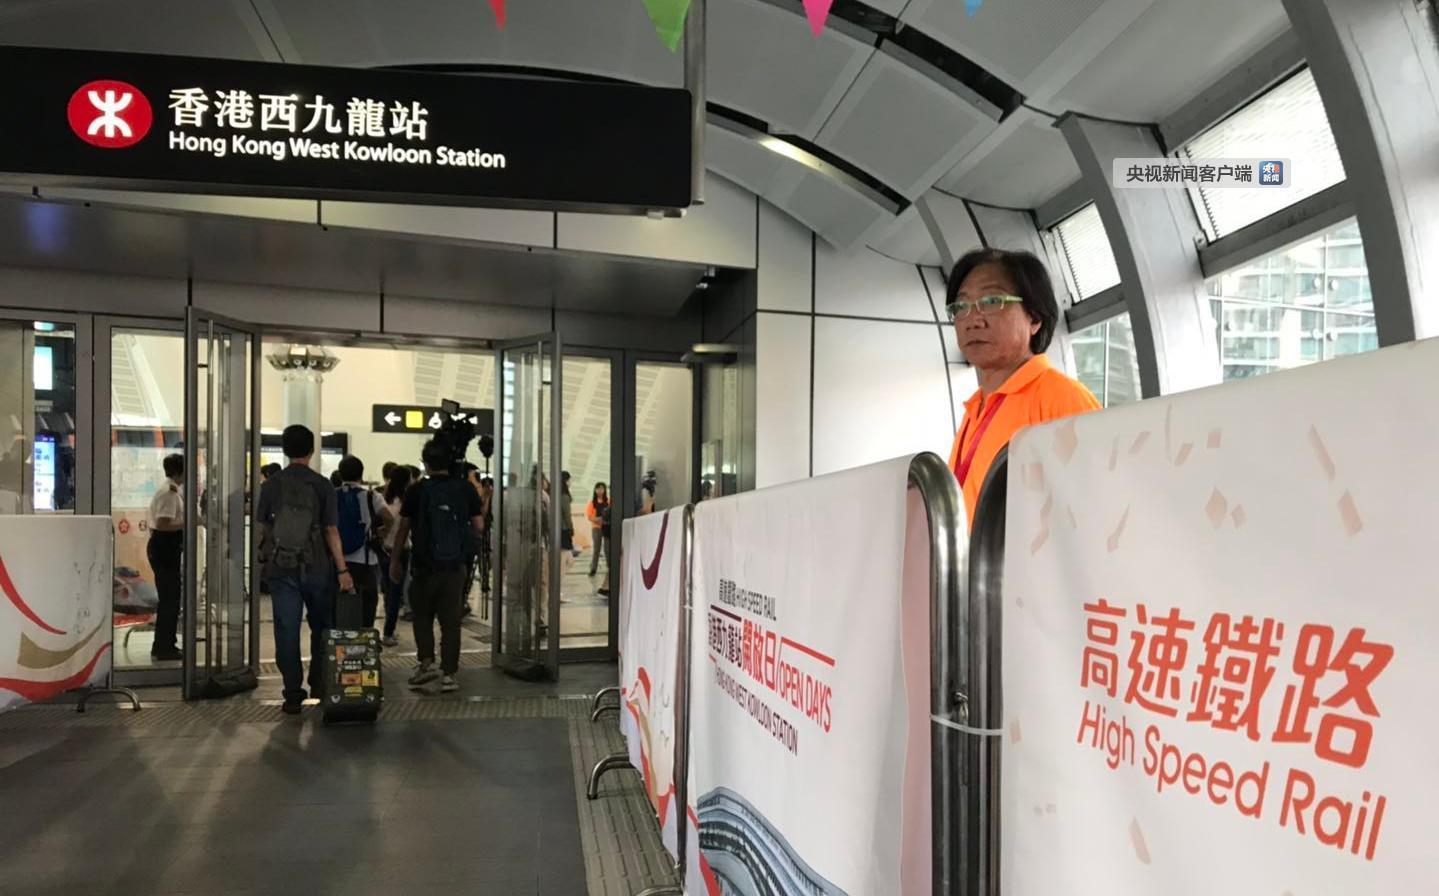 高铁香港段已接载约88万人次乘客往来香港西九龙站